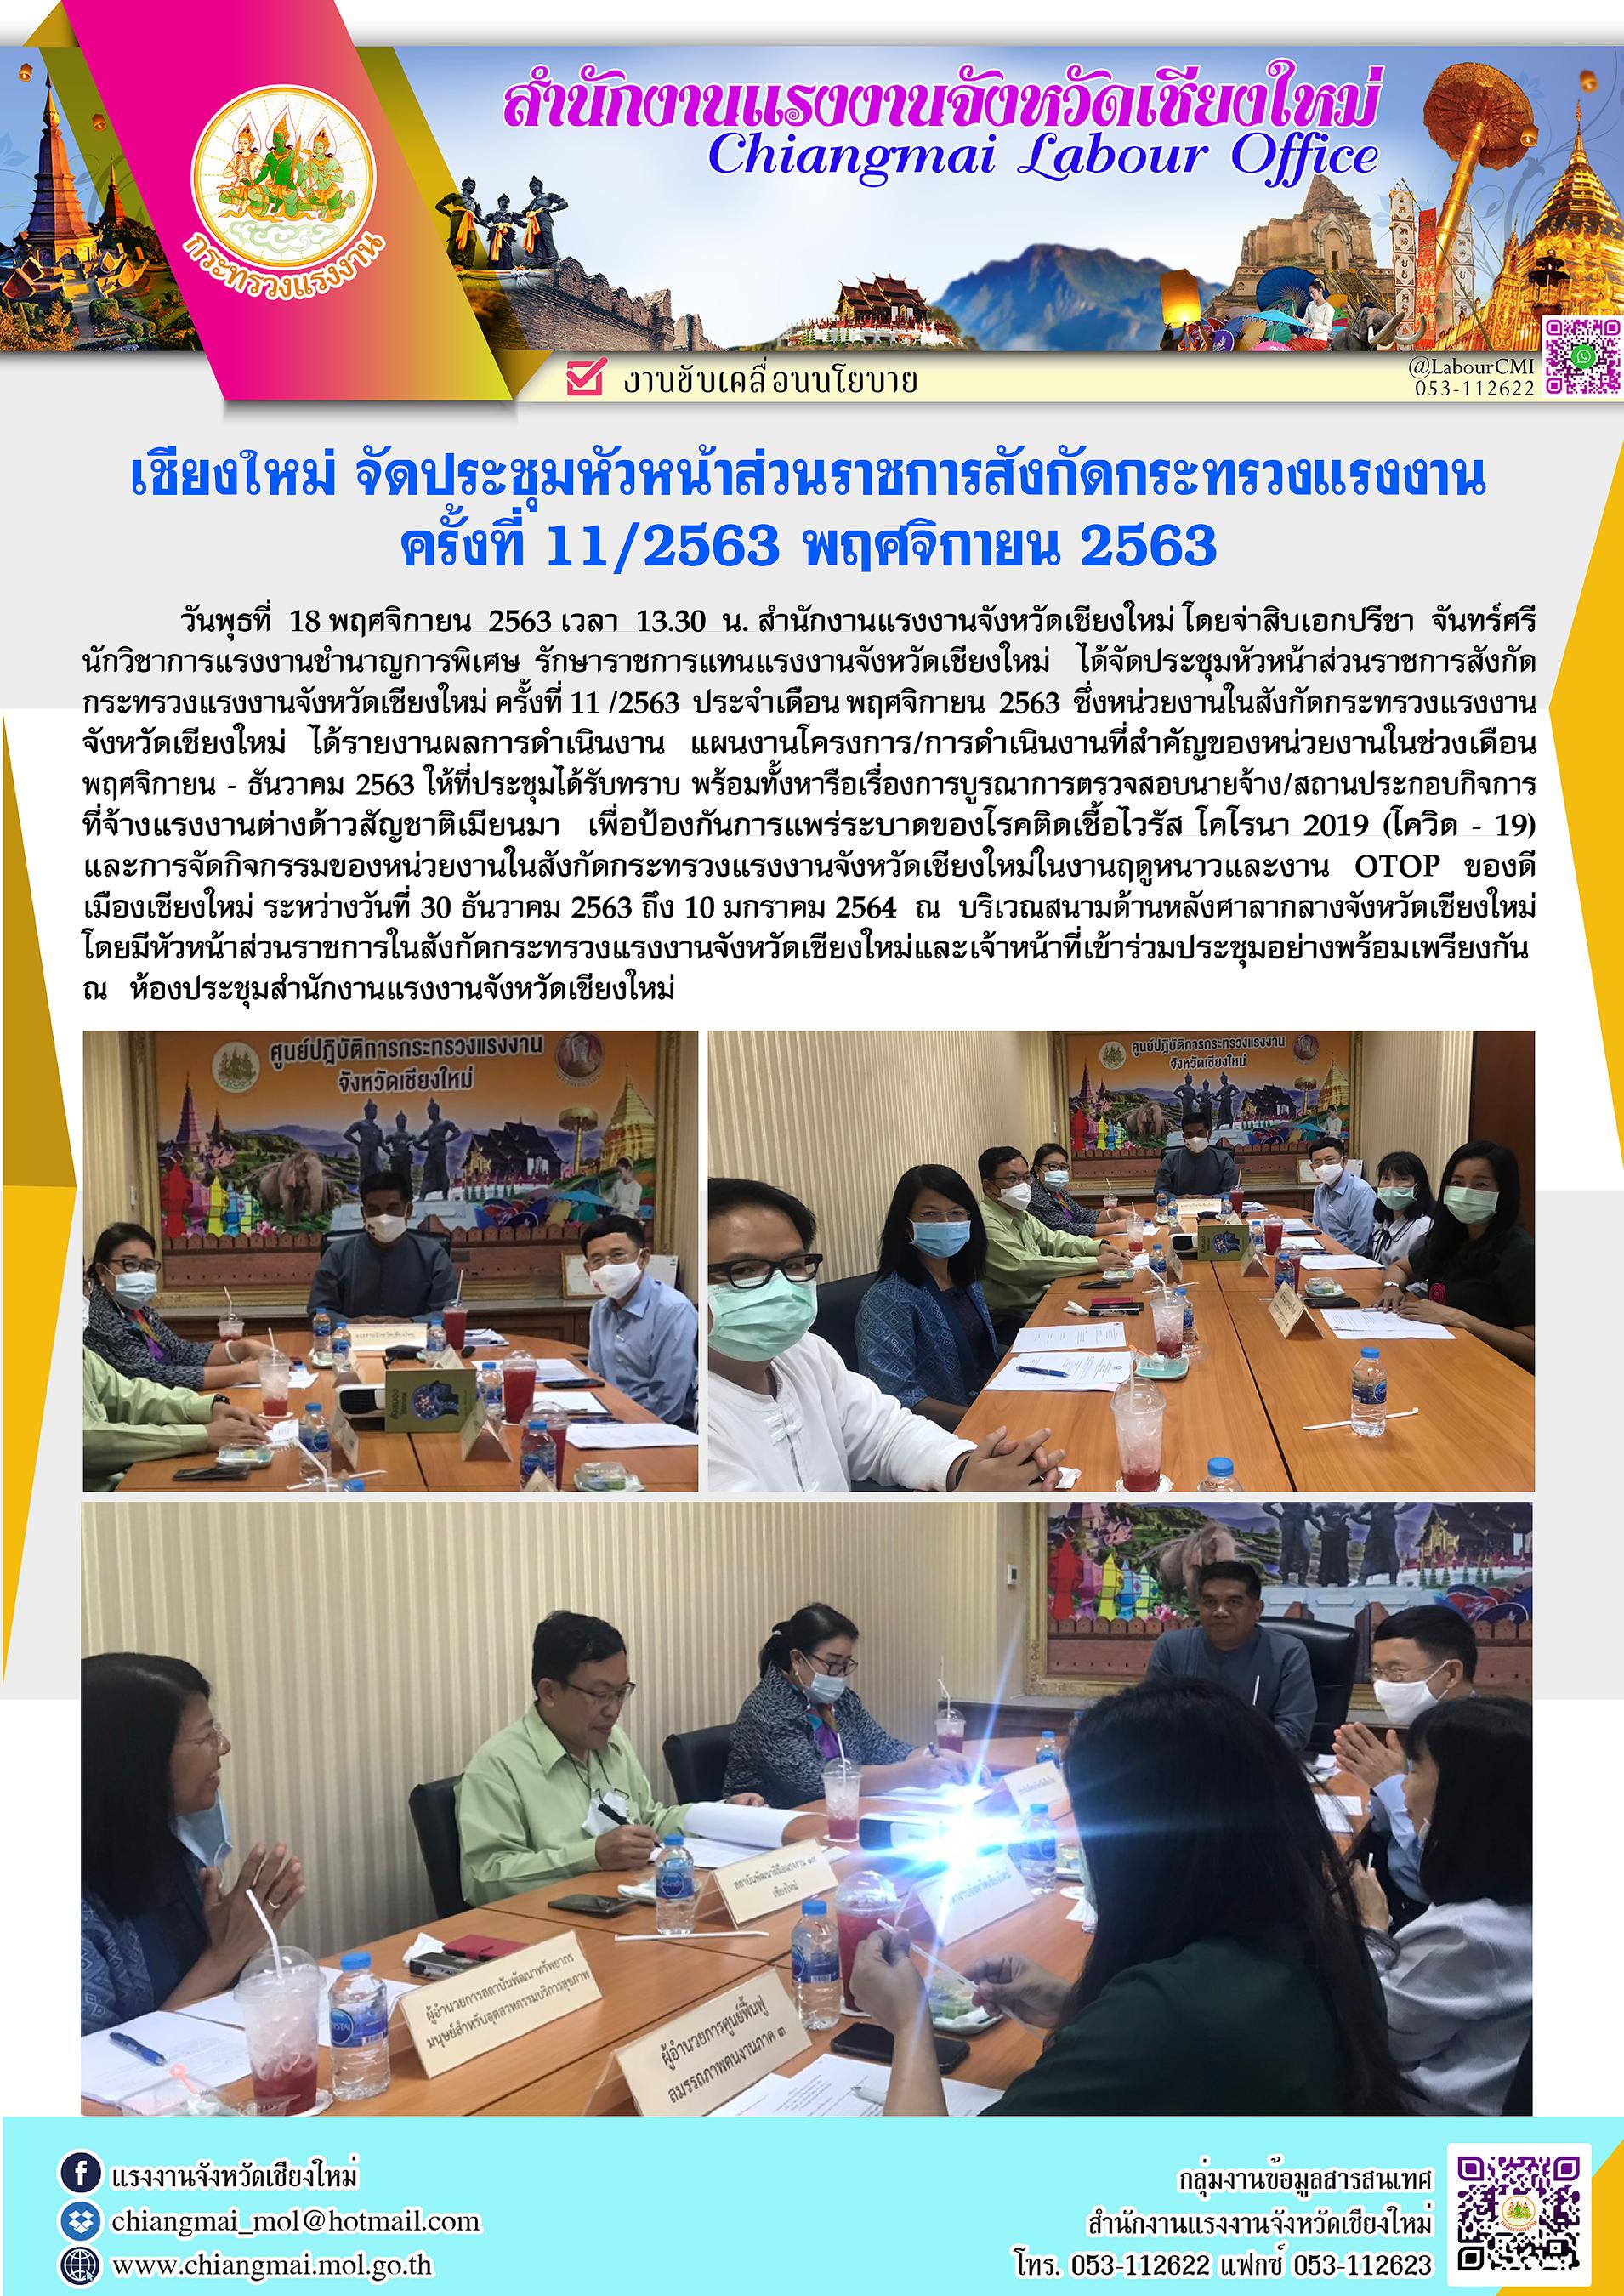 เชียงใหม่ จัดประชุมหัวหน้าส่วนราชการสังกัดกระทรวงแรงงานฯ ประจำเดือน พฤศจิกายน 2563